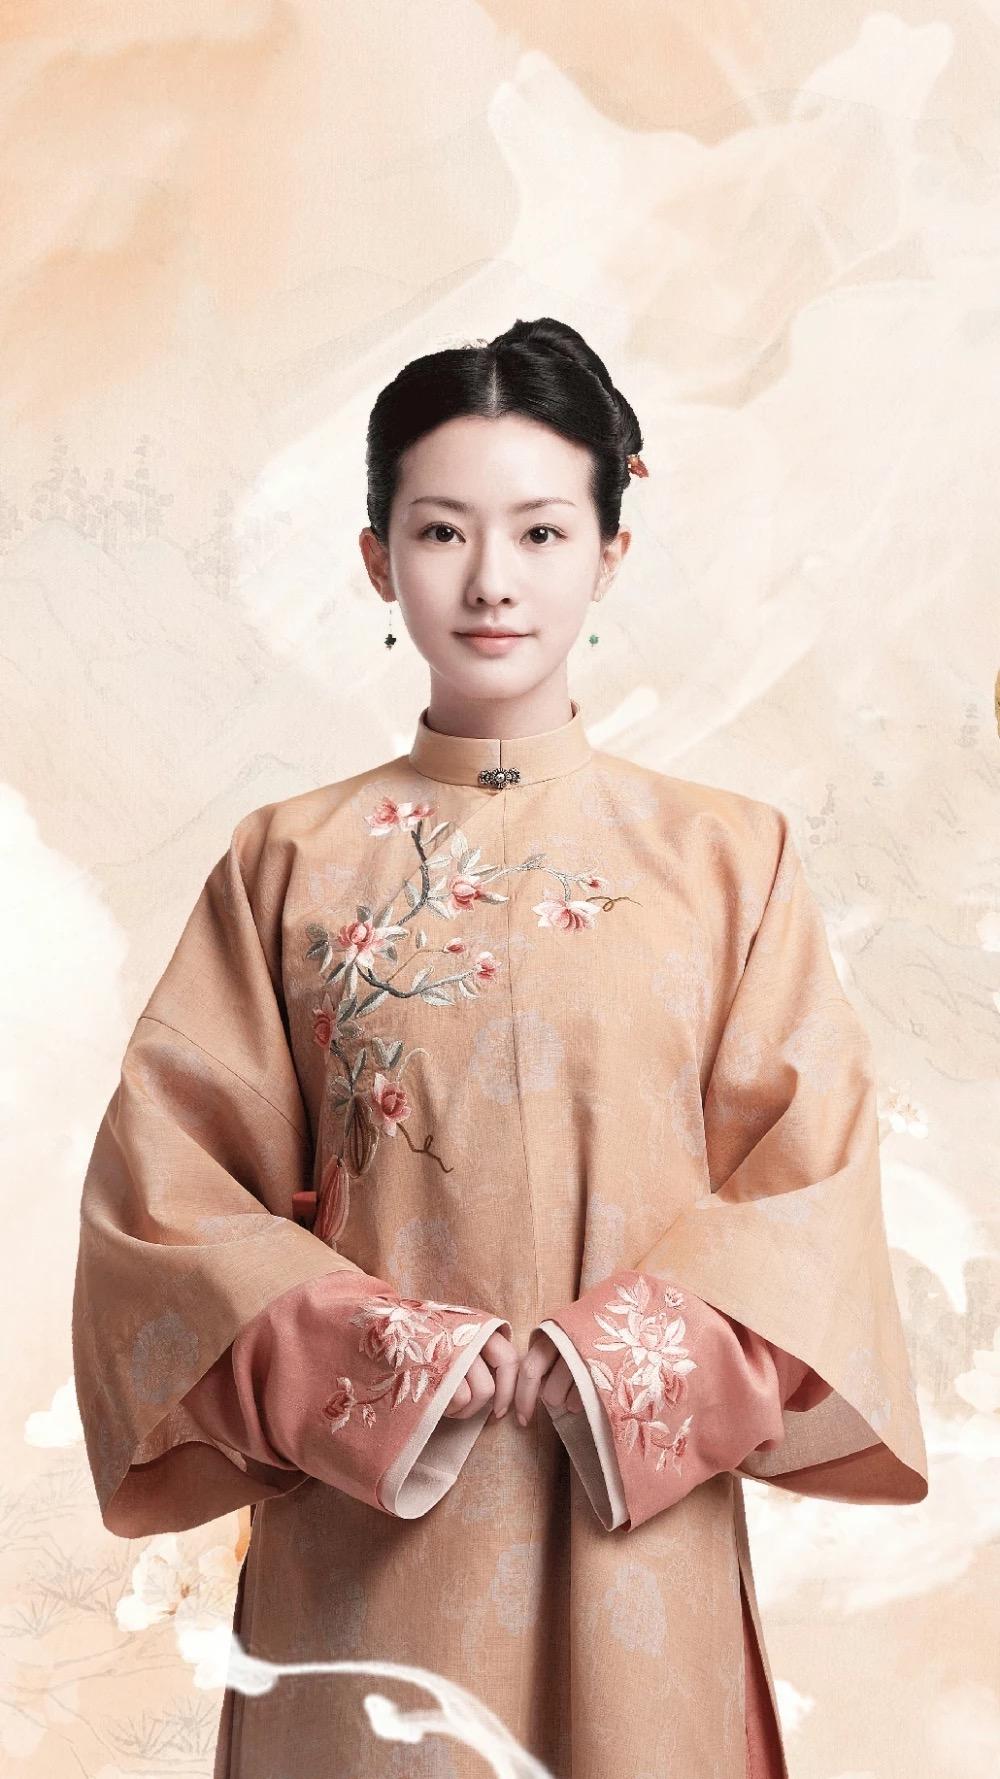 清穿三座大山都拍摄成电视剧,可只有刘诗诗这部最火插图